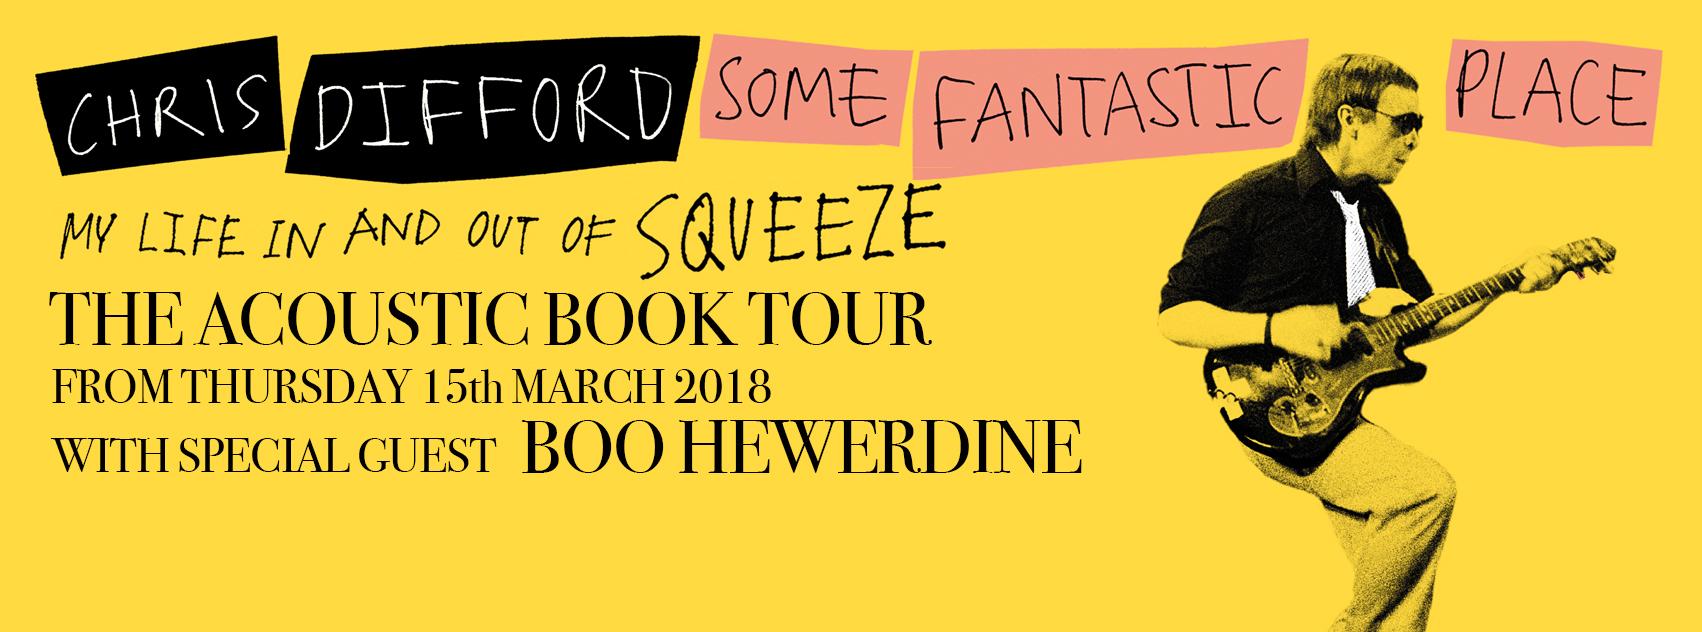 Some Fantastic Place - Acoustic Book Tour